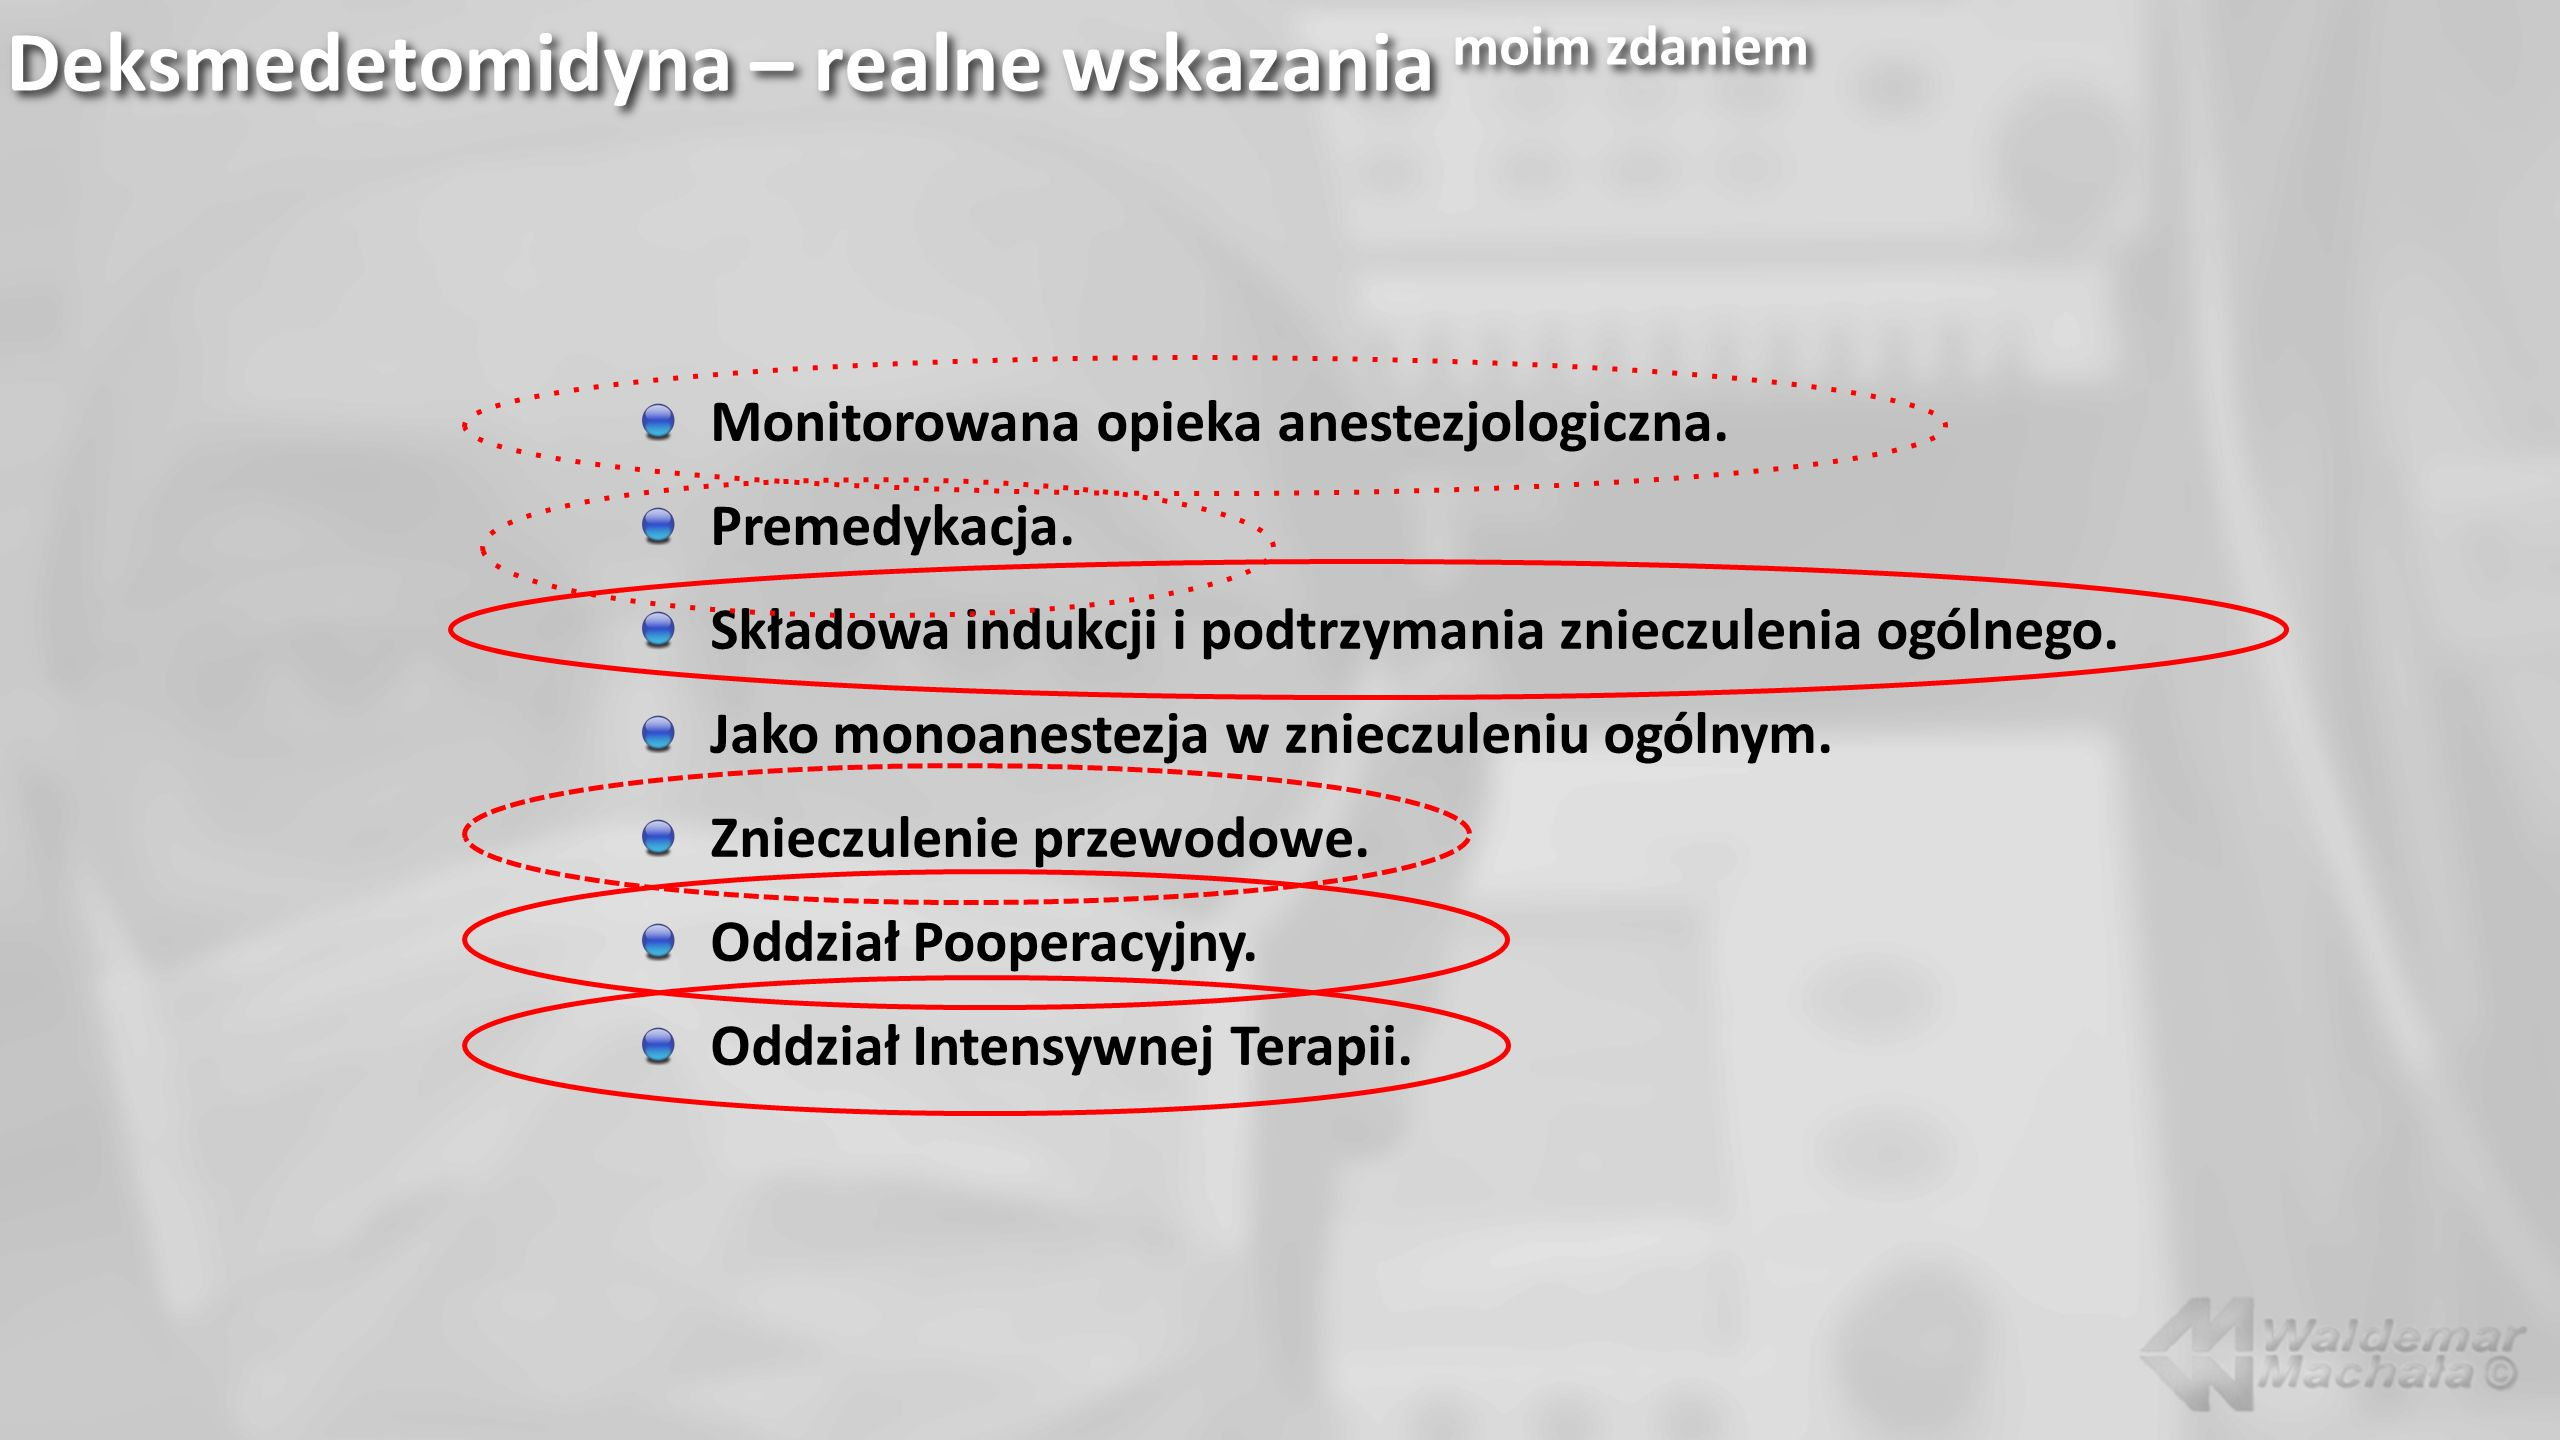 Deksmedetomidyna – realne wskazania moim zdaniem